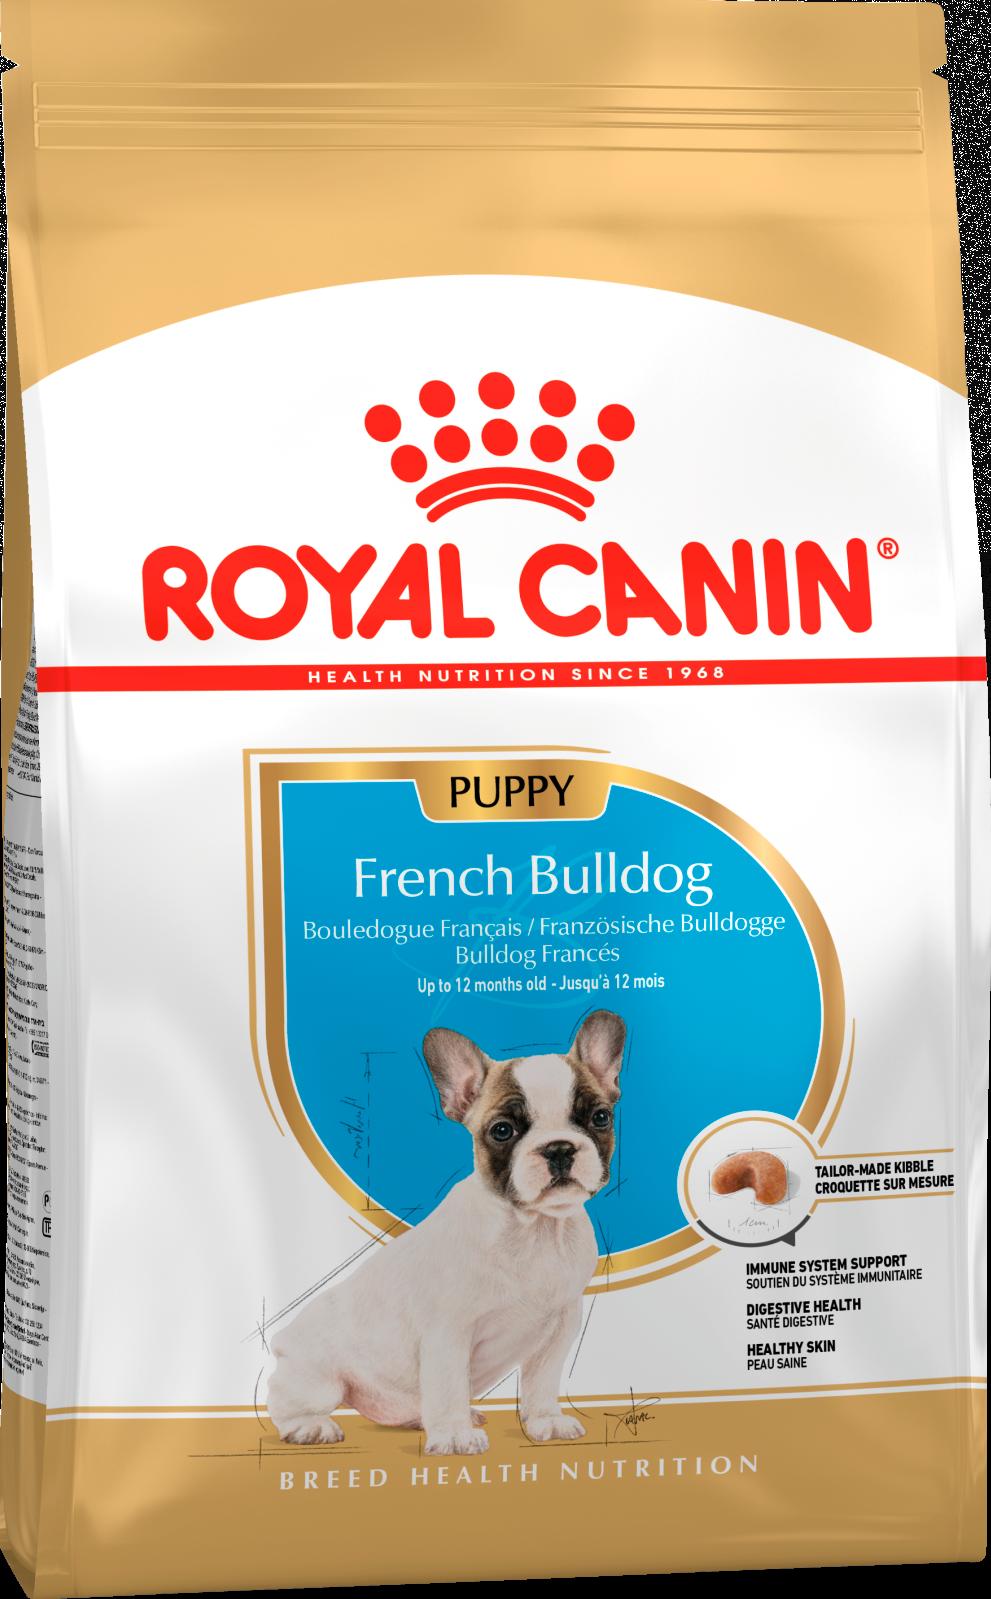 Royal Canin Корм для щенков собак породы французский бульдог, Royal Canin French Bulldog Puppy 181030.png